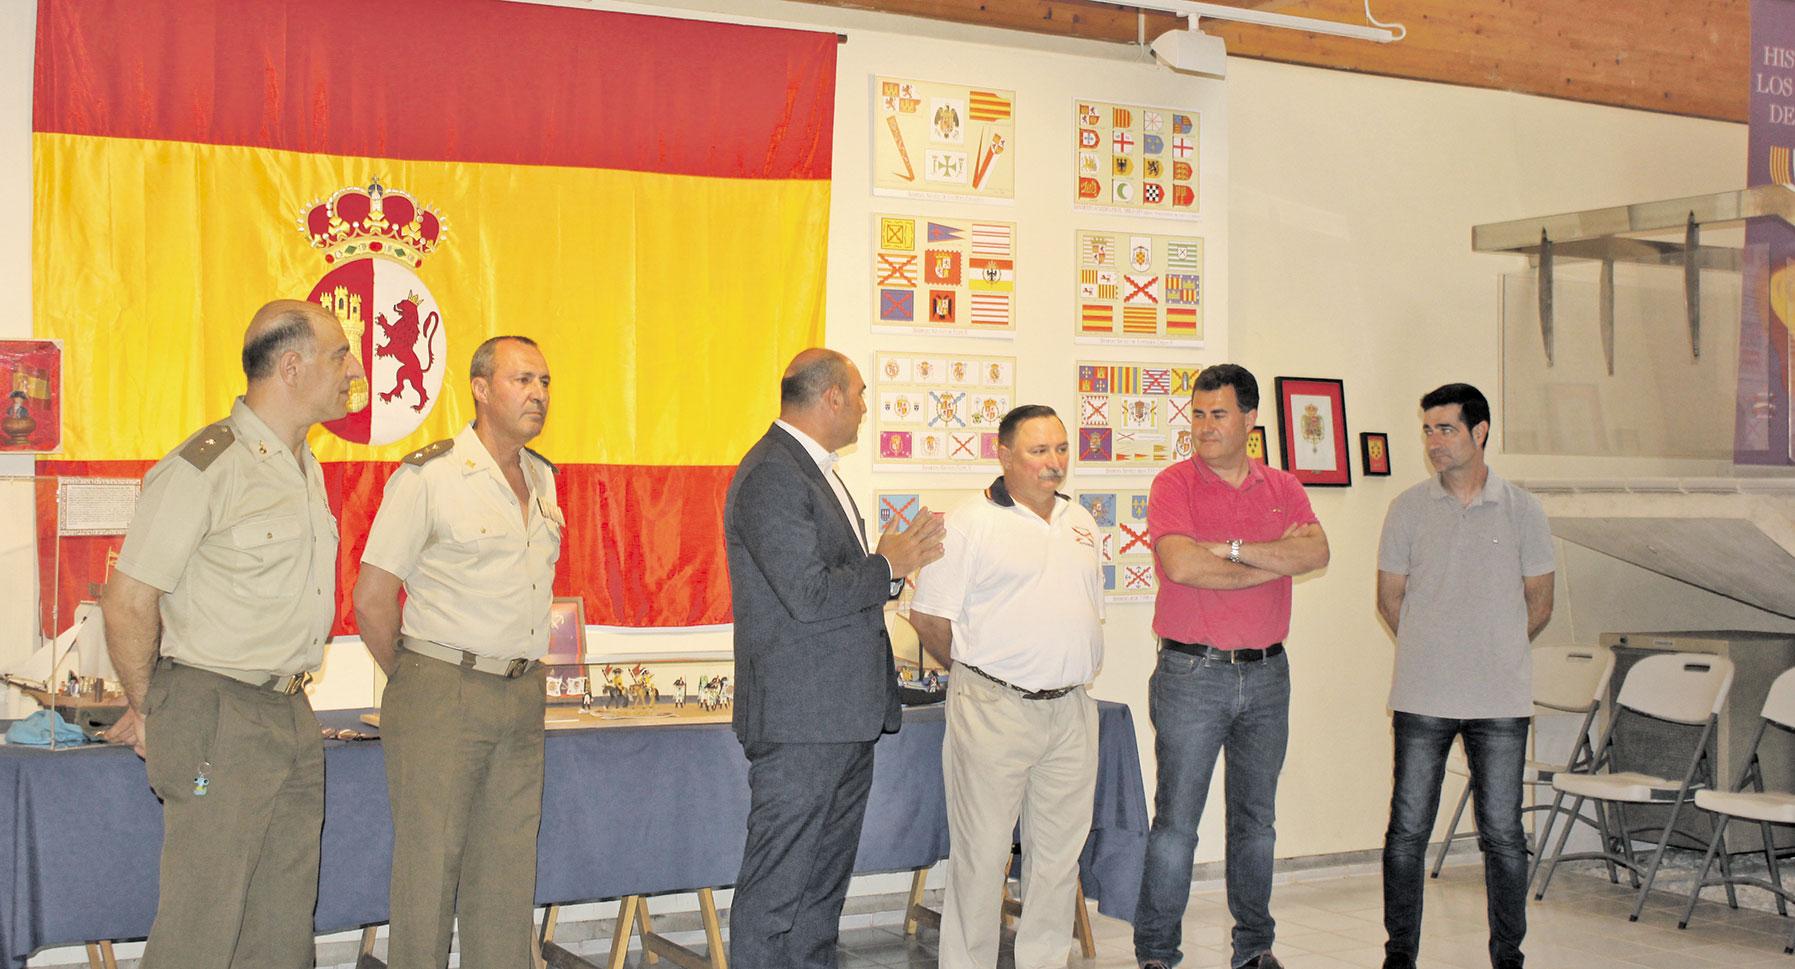 Alcaniz-Exposicion-banderas